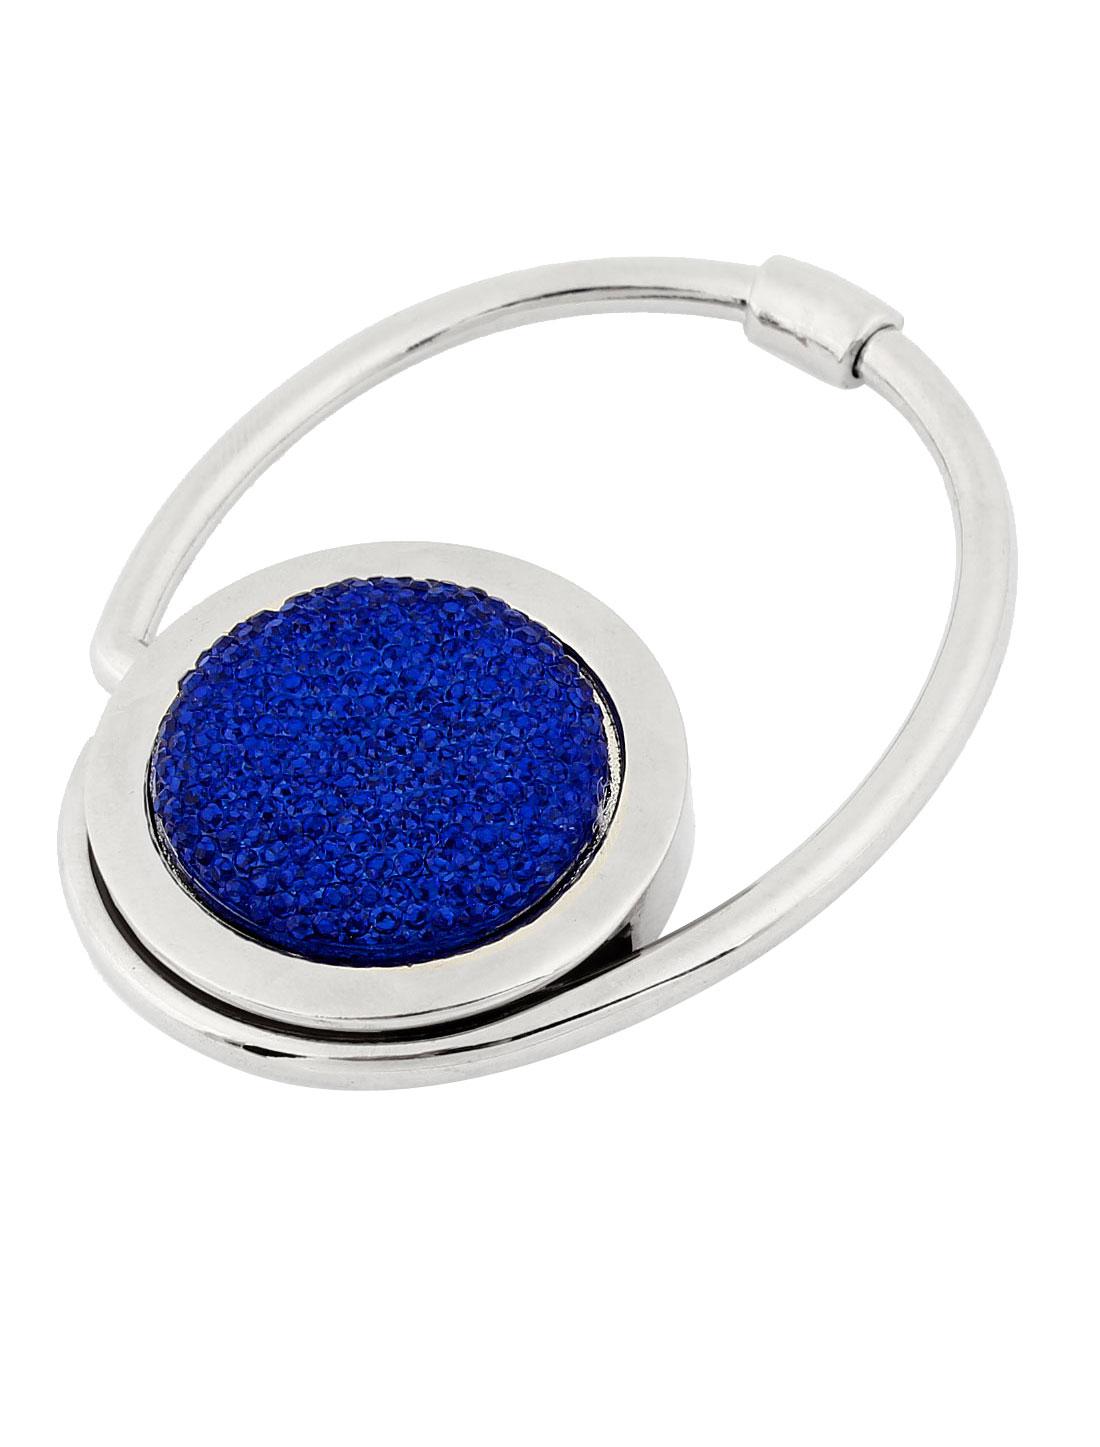 Lady Rubber Bottom Bling Glittery Powder Foldable Handbag Hanger Blue